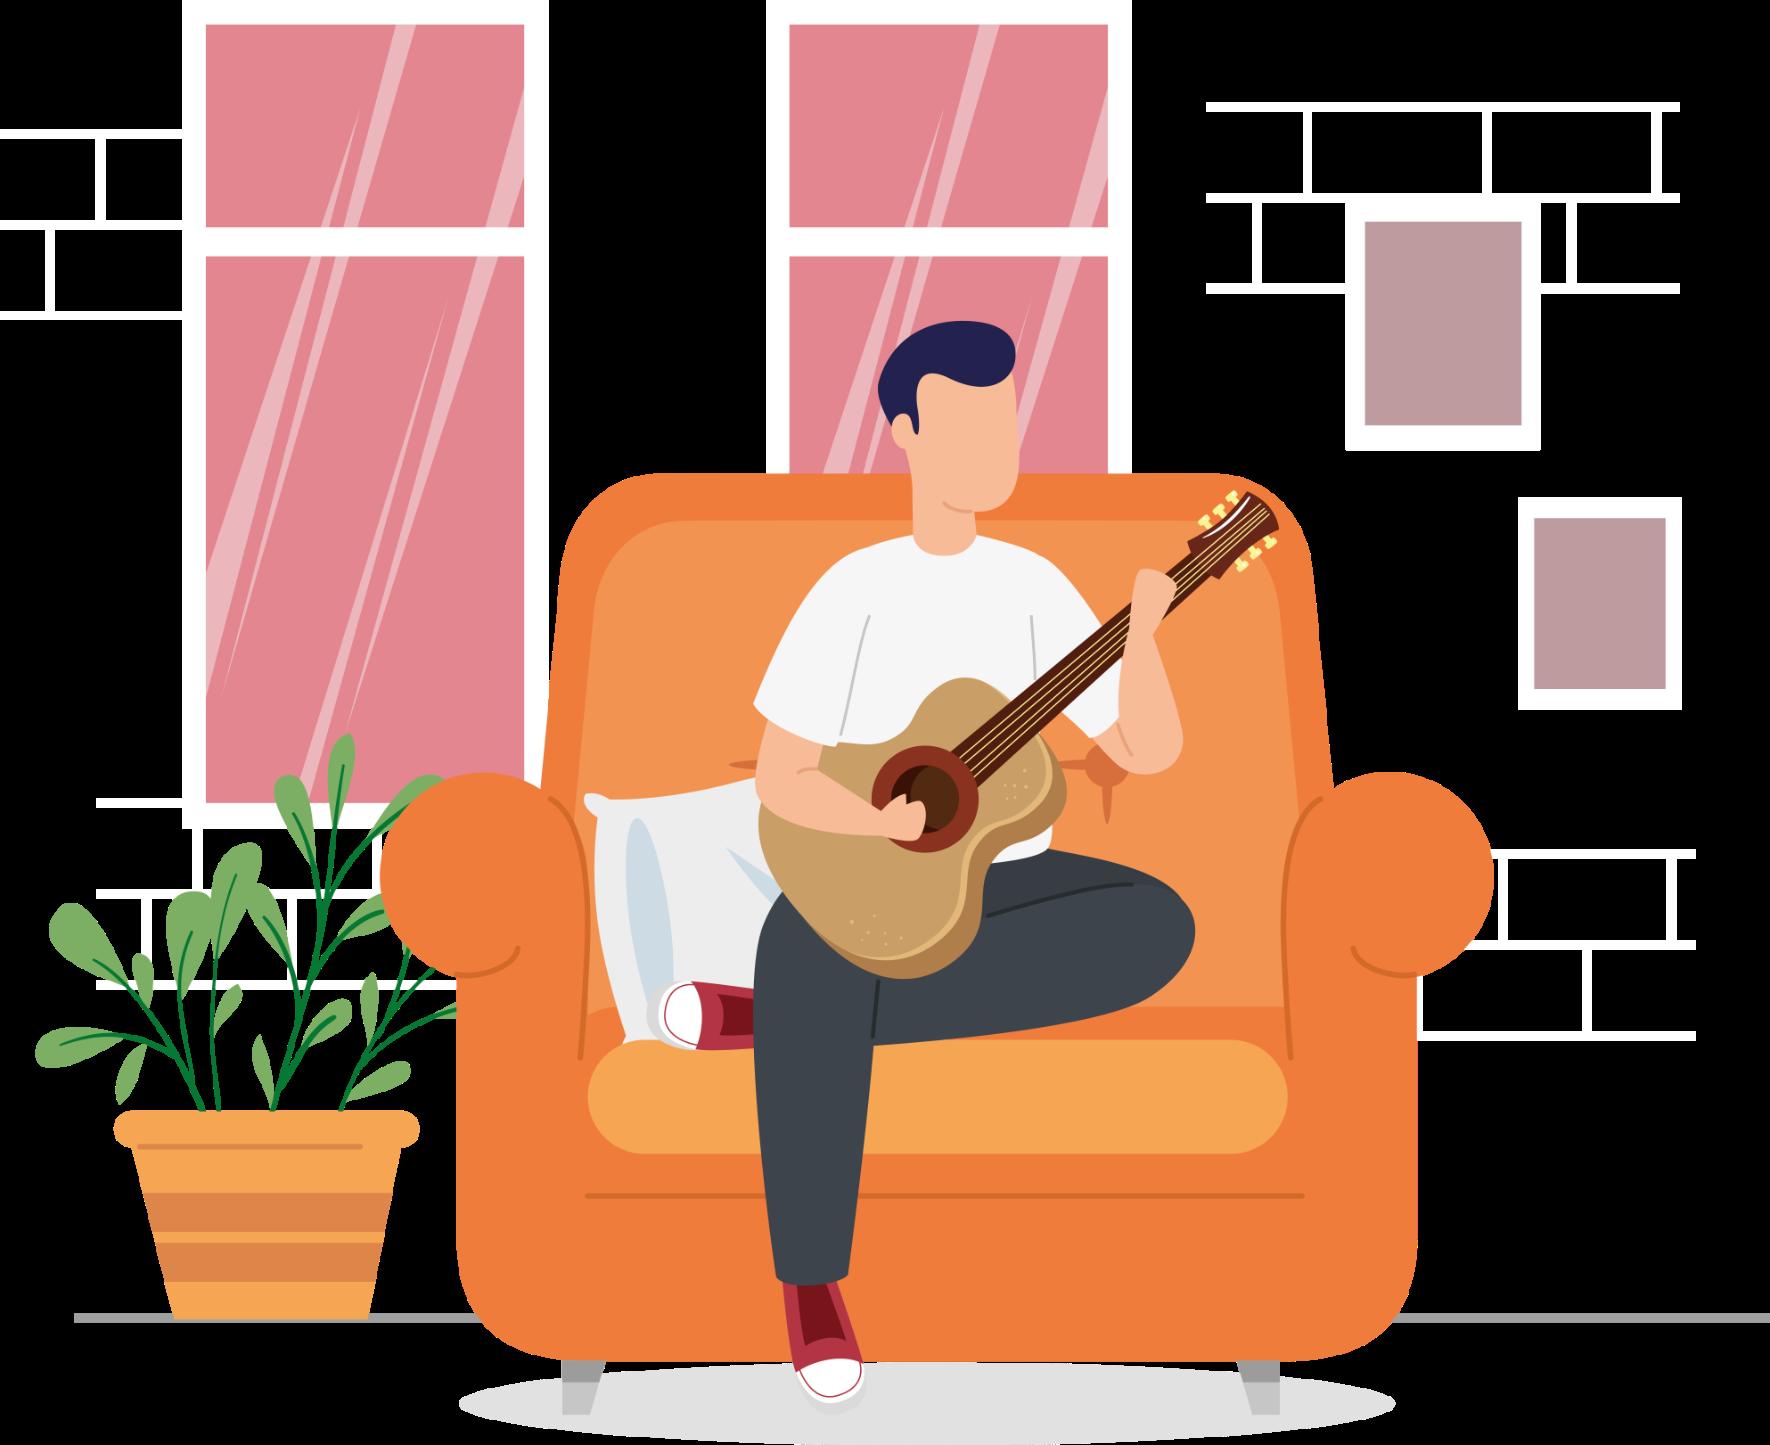 Sentado sofa guitarra